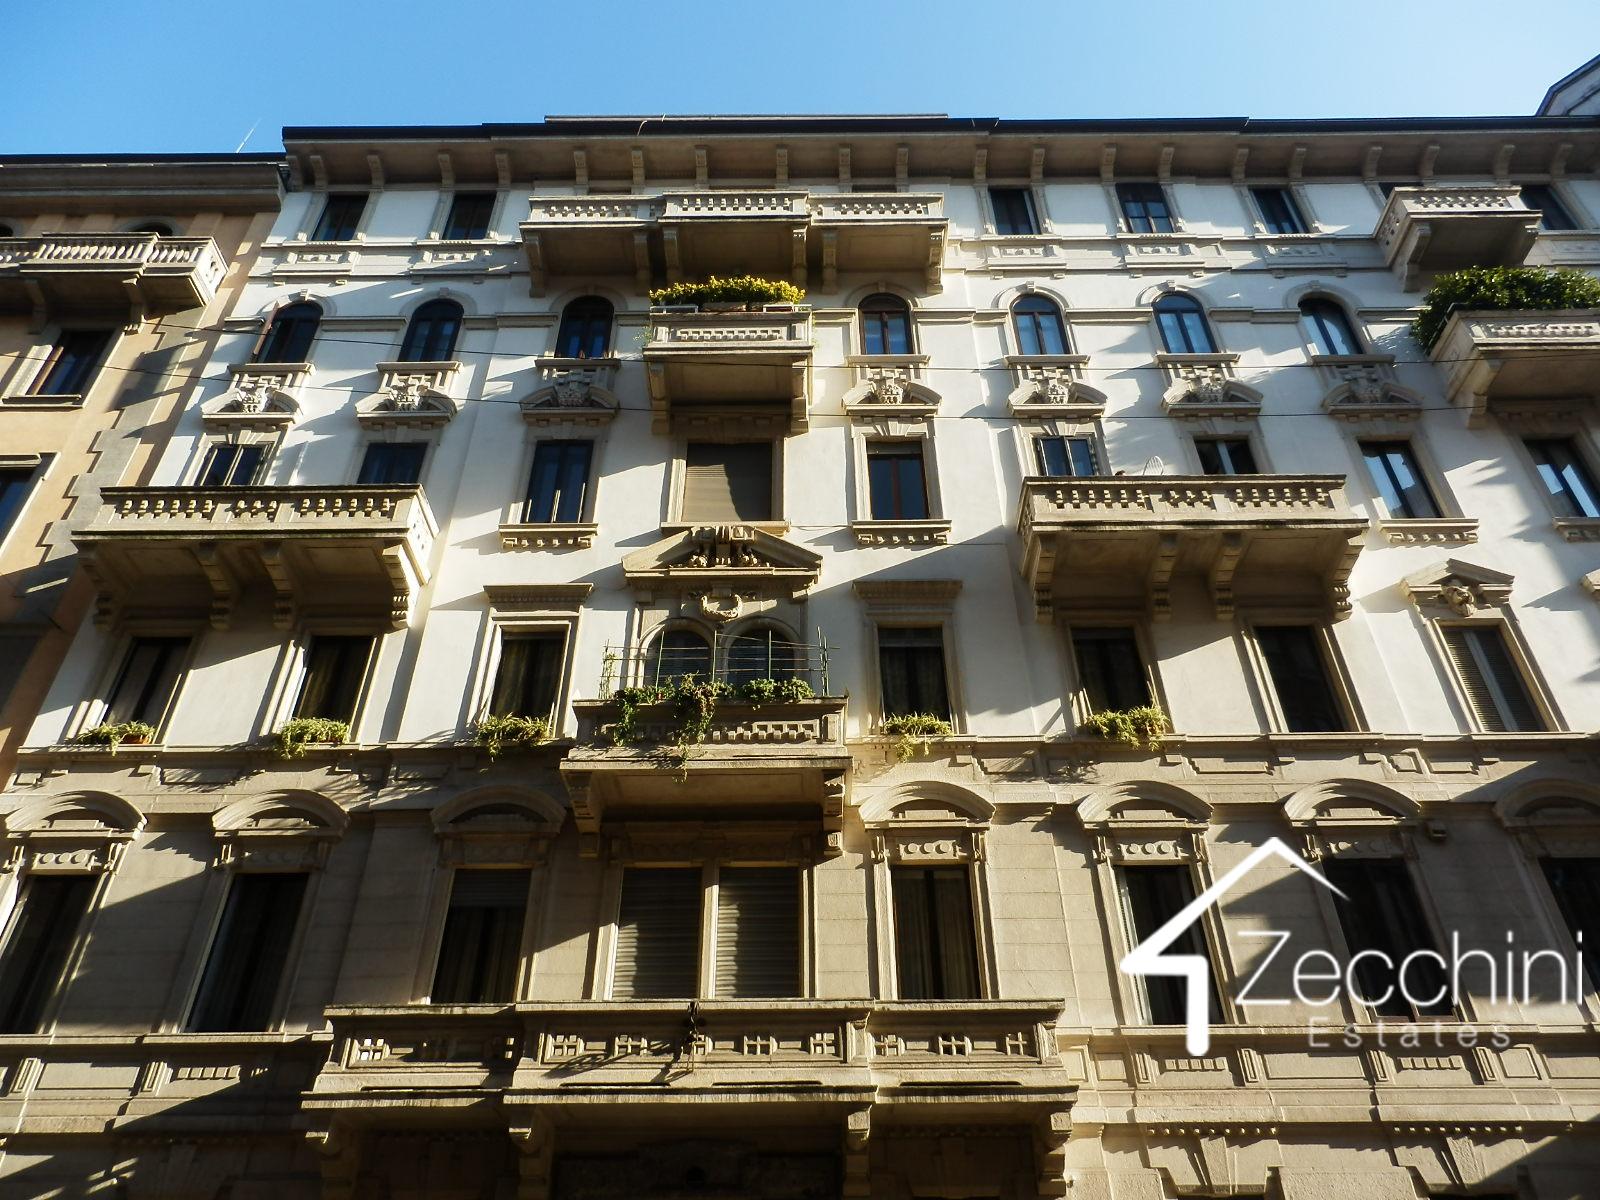 milano affitto quart: p.ta venezia zecchini estates